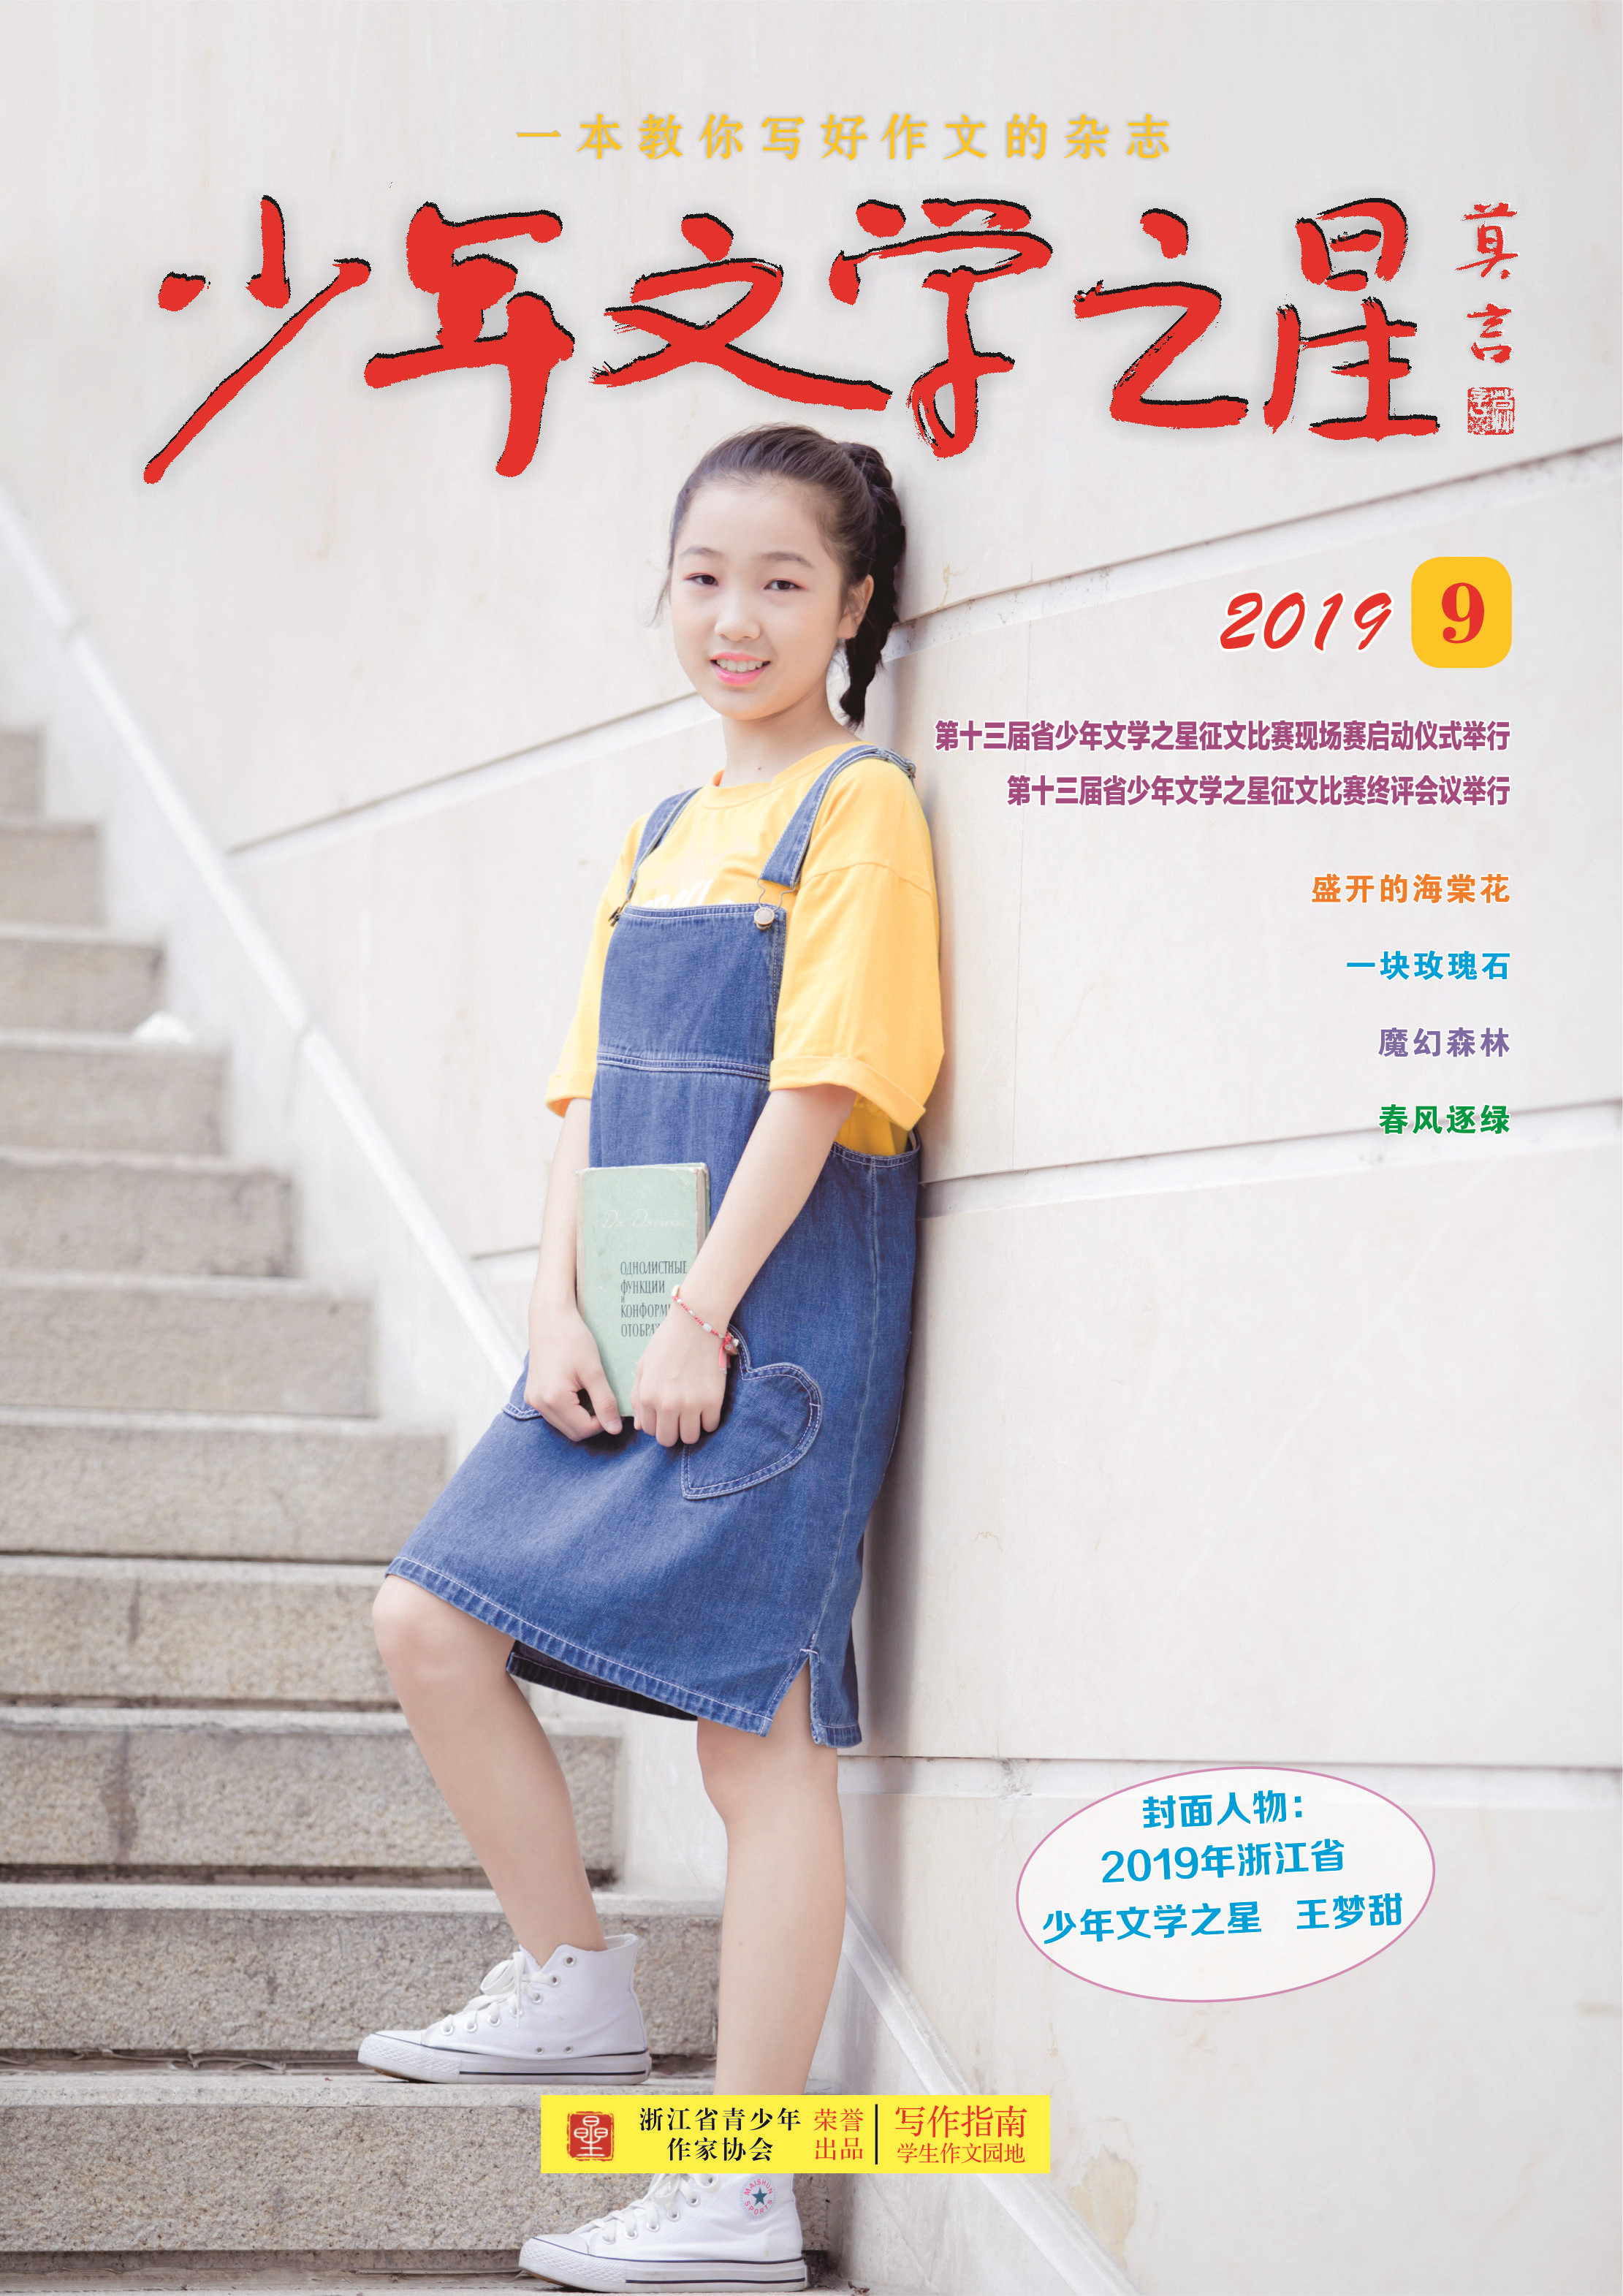 《少年文学之星》2019年9月刊